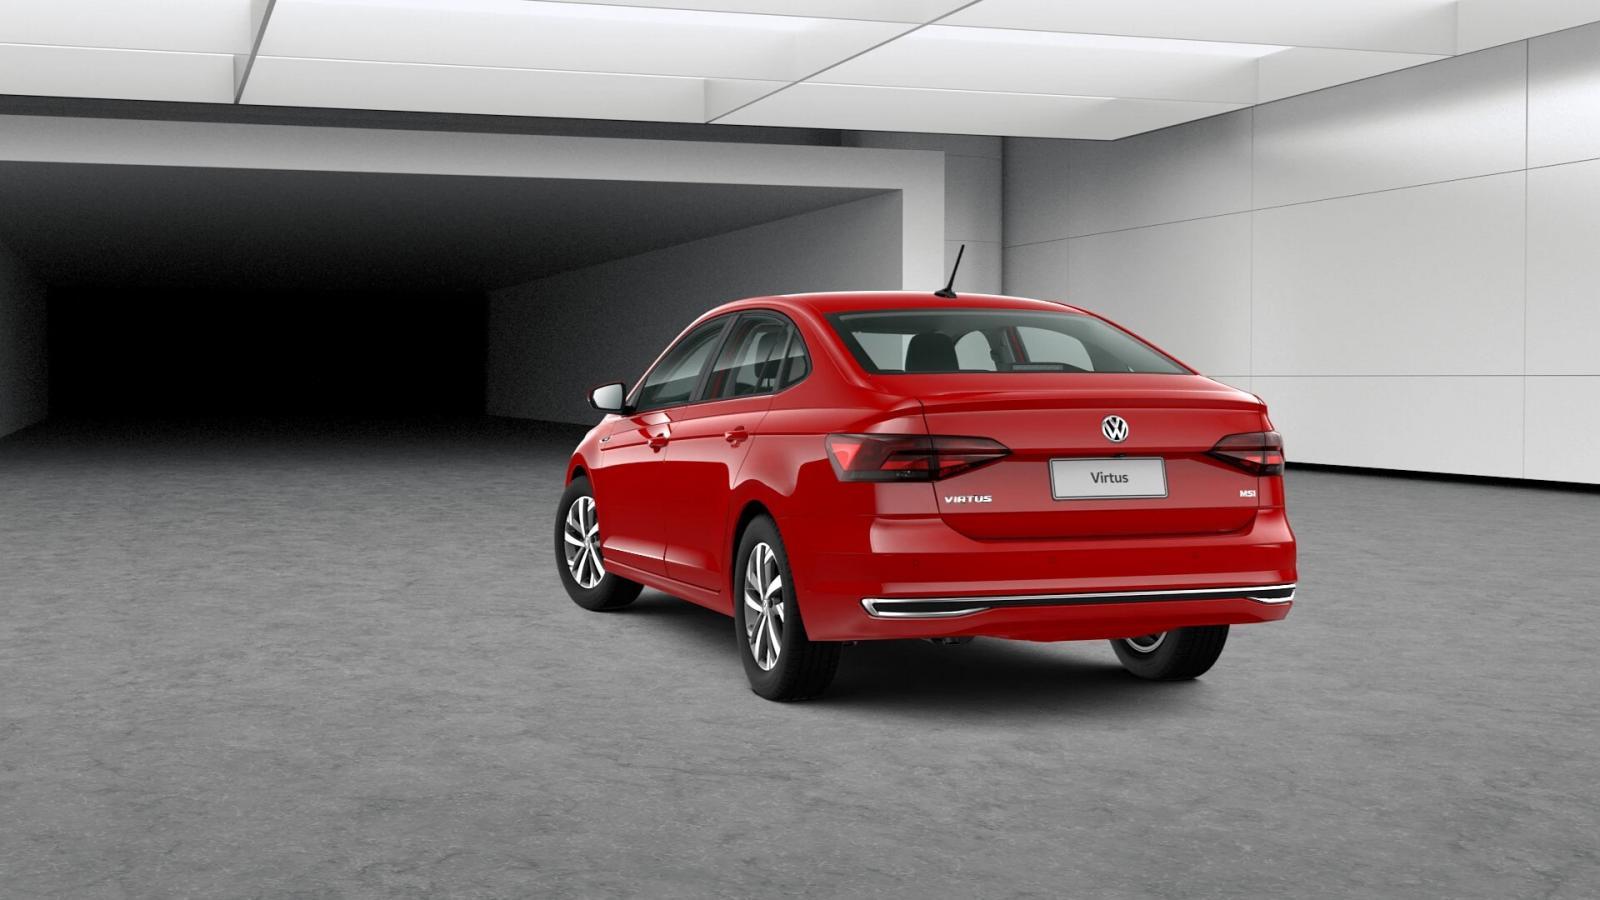 Volkswagen Virtus Precio parte trasera